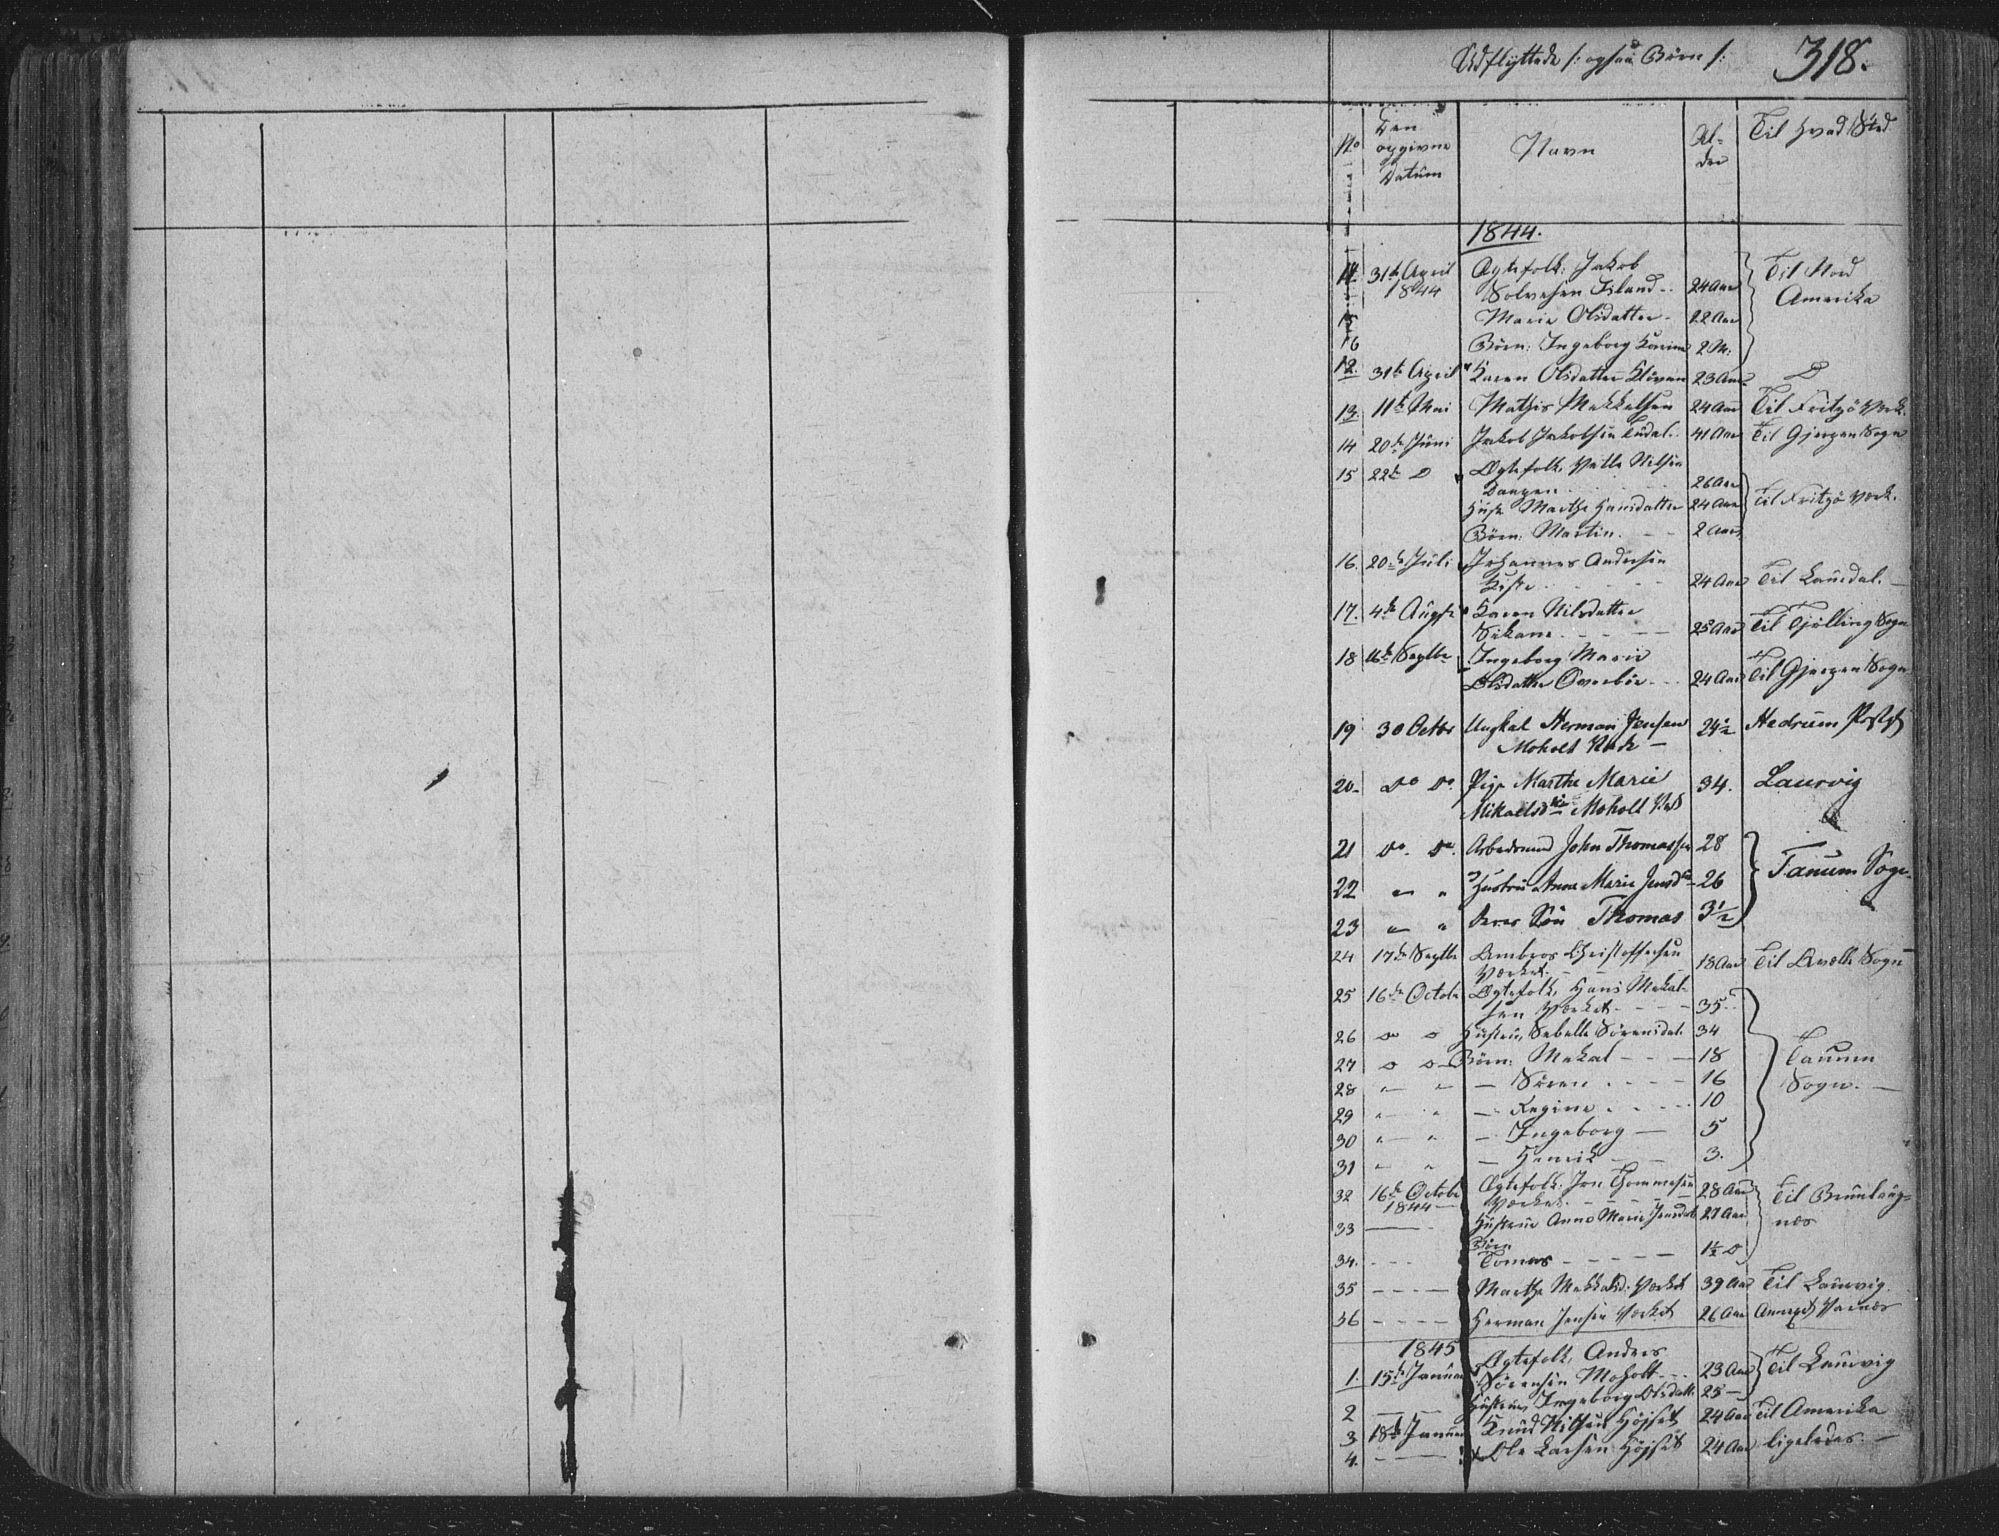 SAKO, Siljan kirkebøker, F/Fa/L0001: Ministerialbok nr. 1, 1831-1870, s. 318